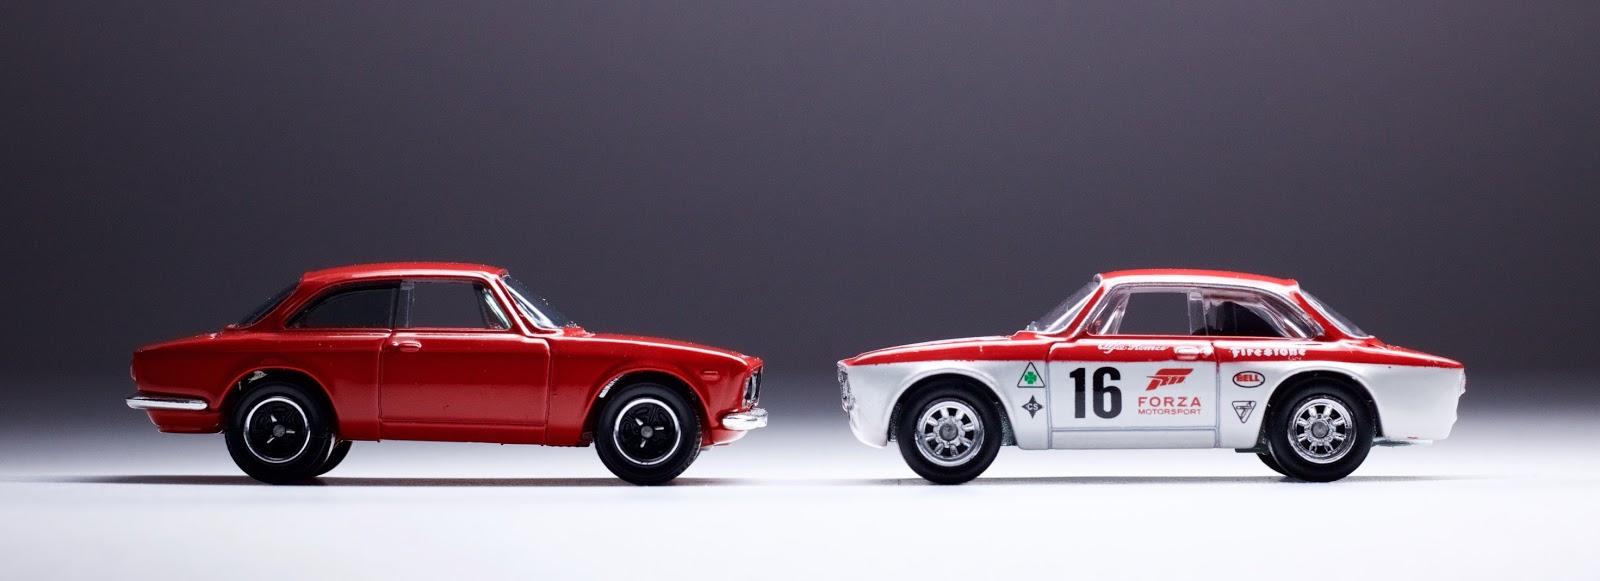 Hot Wheels Forza, Part 1: The Alfa Romeo Giulia Sprint